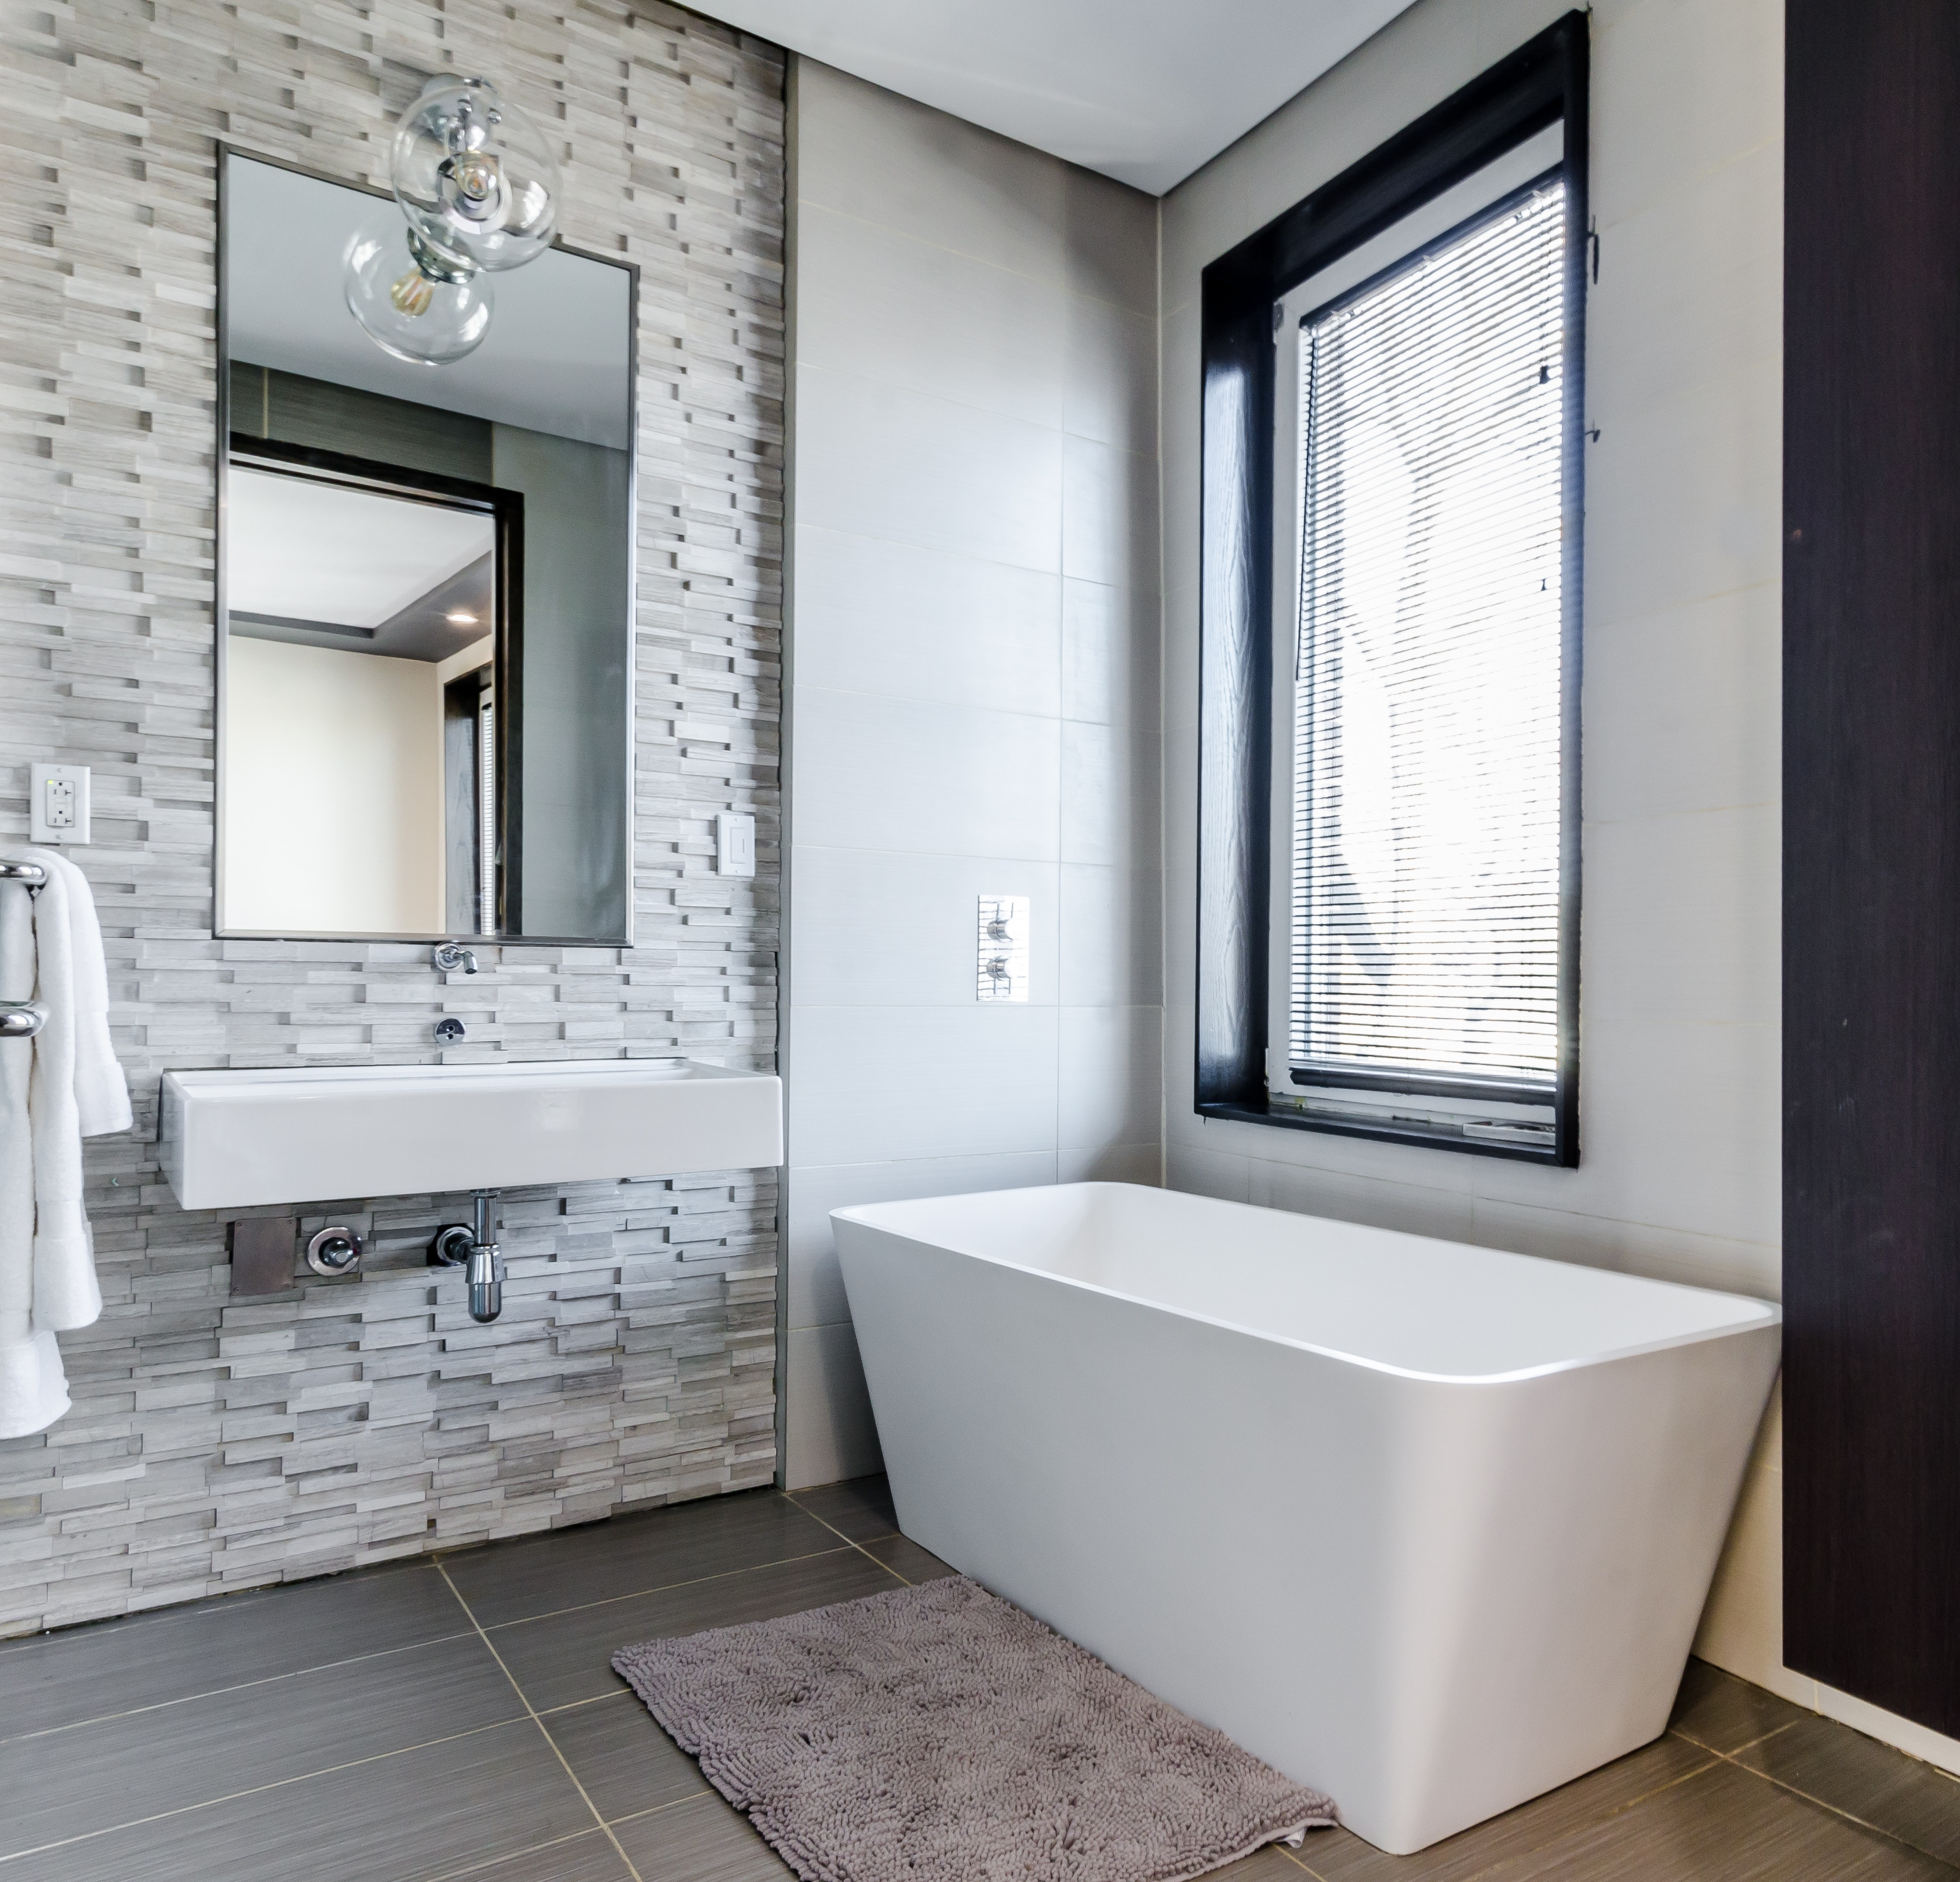 Darstellung einer Infrarotheizung-Spiegel im Bad